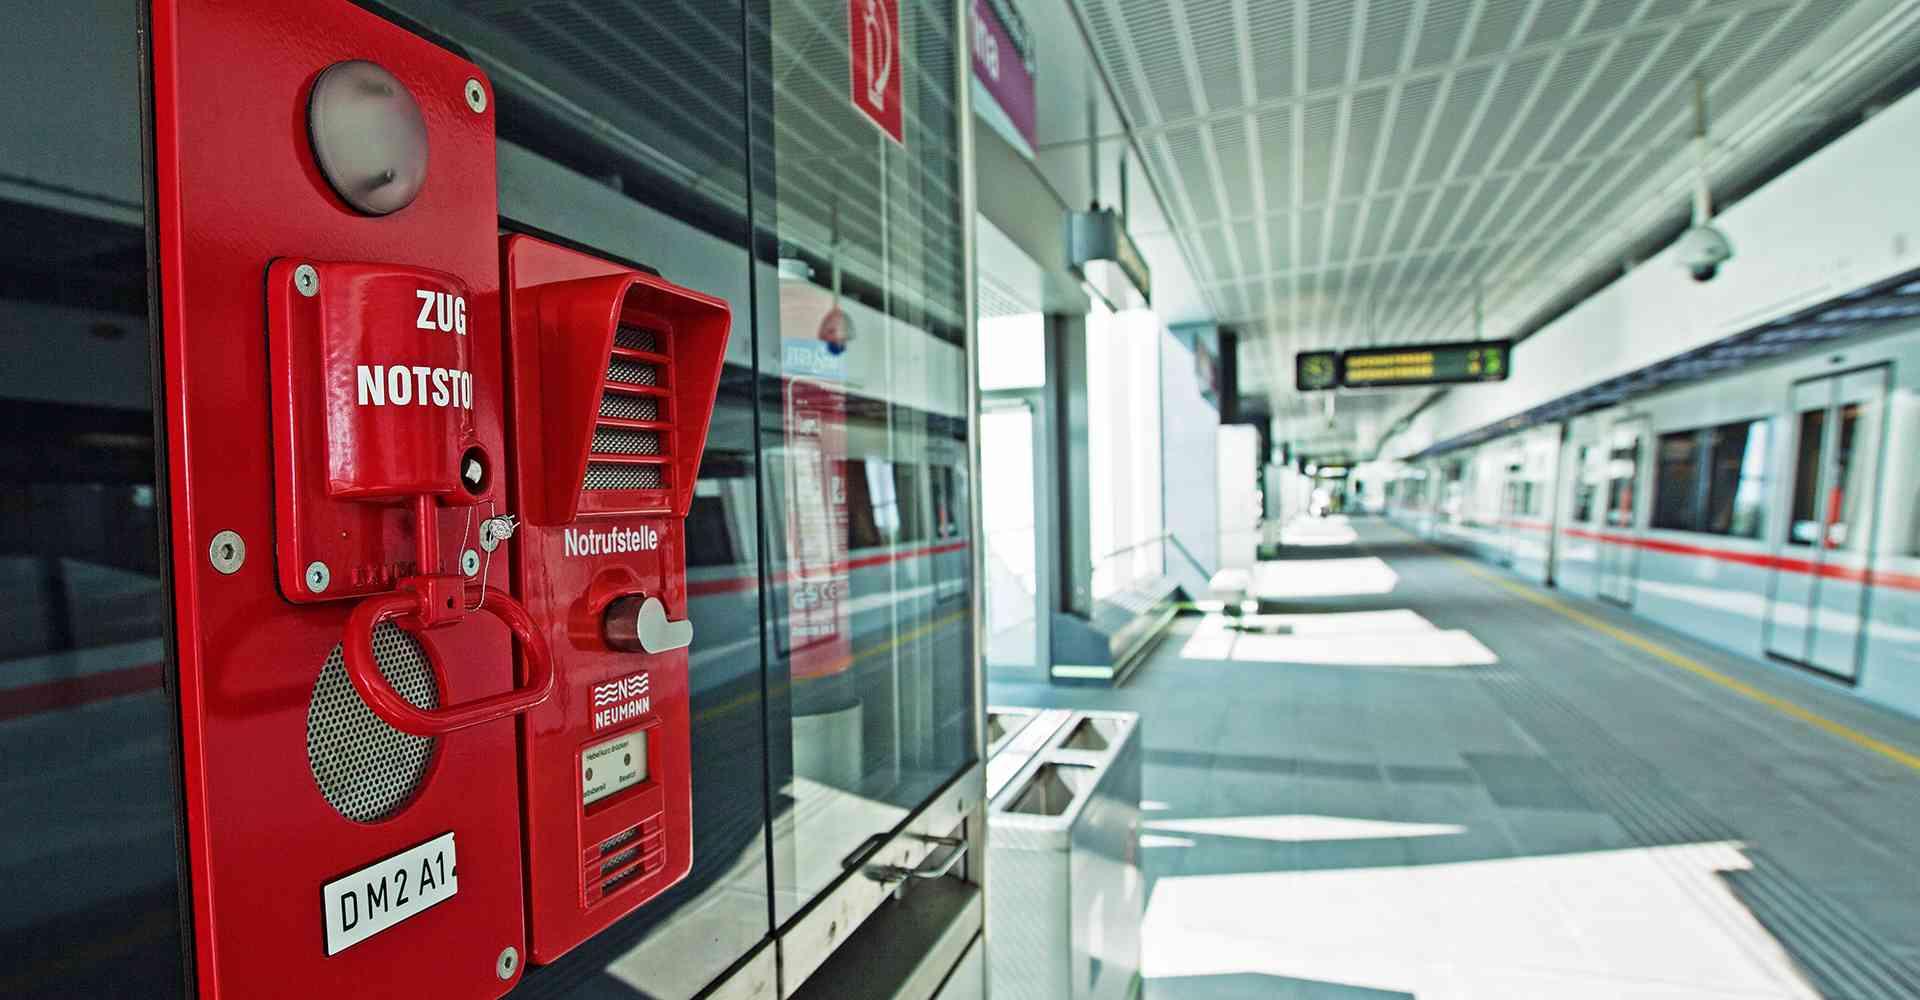 Auf jedem Bahnsteig befinden sich Sicherheitseinrichtungen, mit Zugnotstopp sowie Notrufstelle.